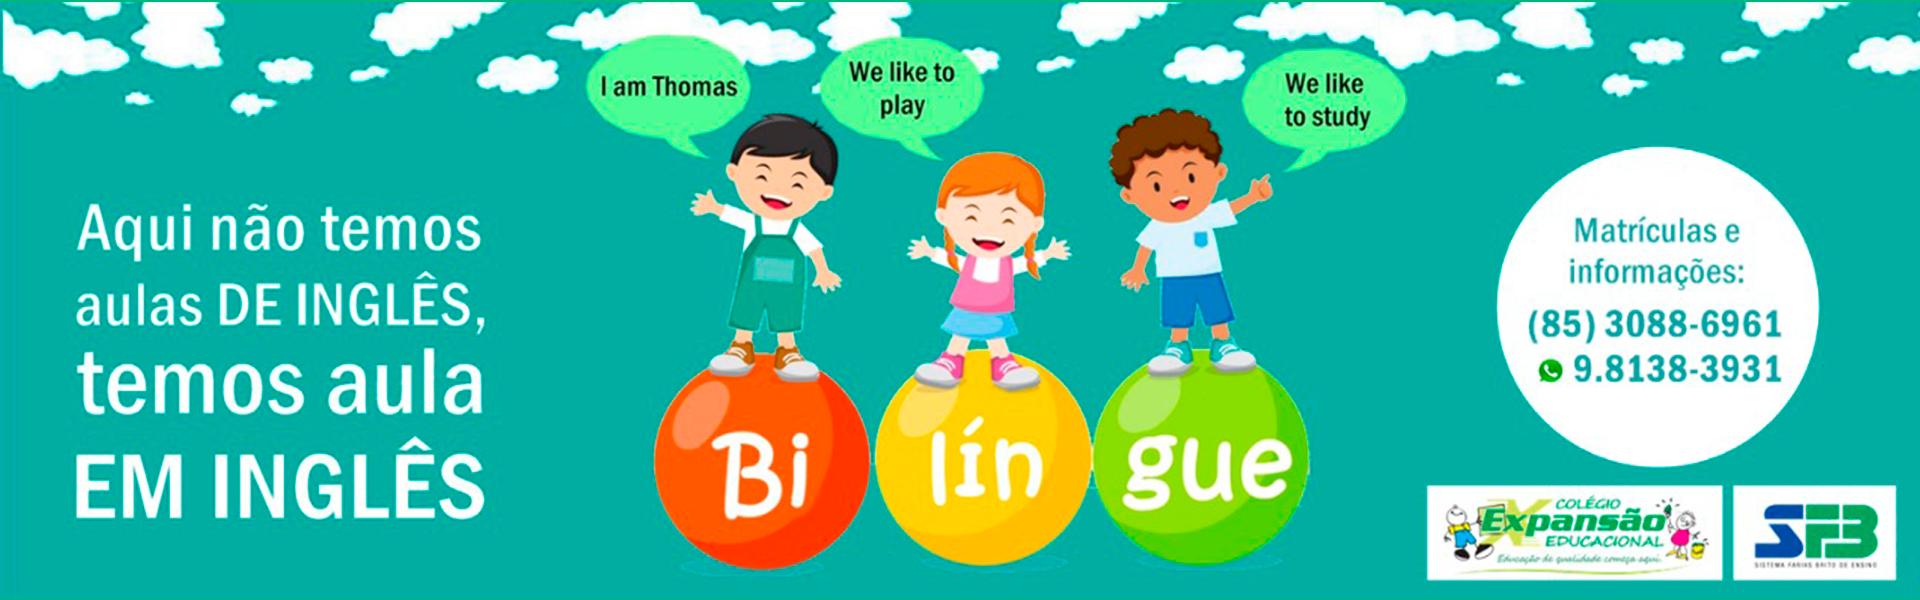 Crianças alegres falam inglês junto ao texto: Aqui não temos aula de inglês, temos aula em inglês. Um balão escrito Matrículas e informações traz os telefones do colégio de educação infantil: 3088-6961 e 9.81383931